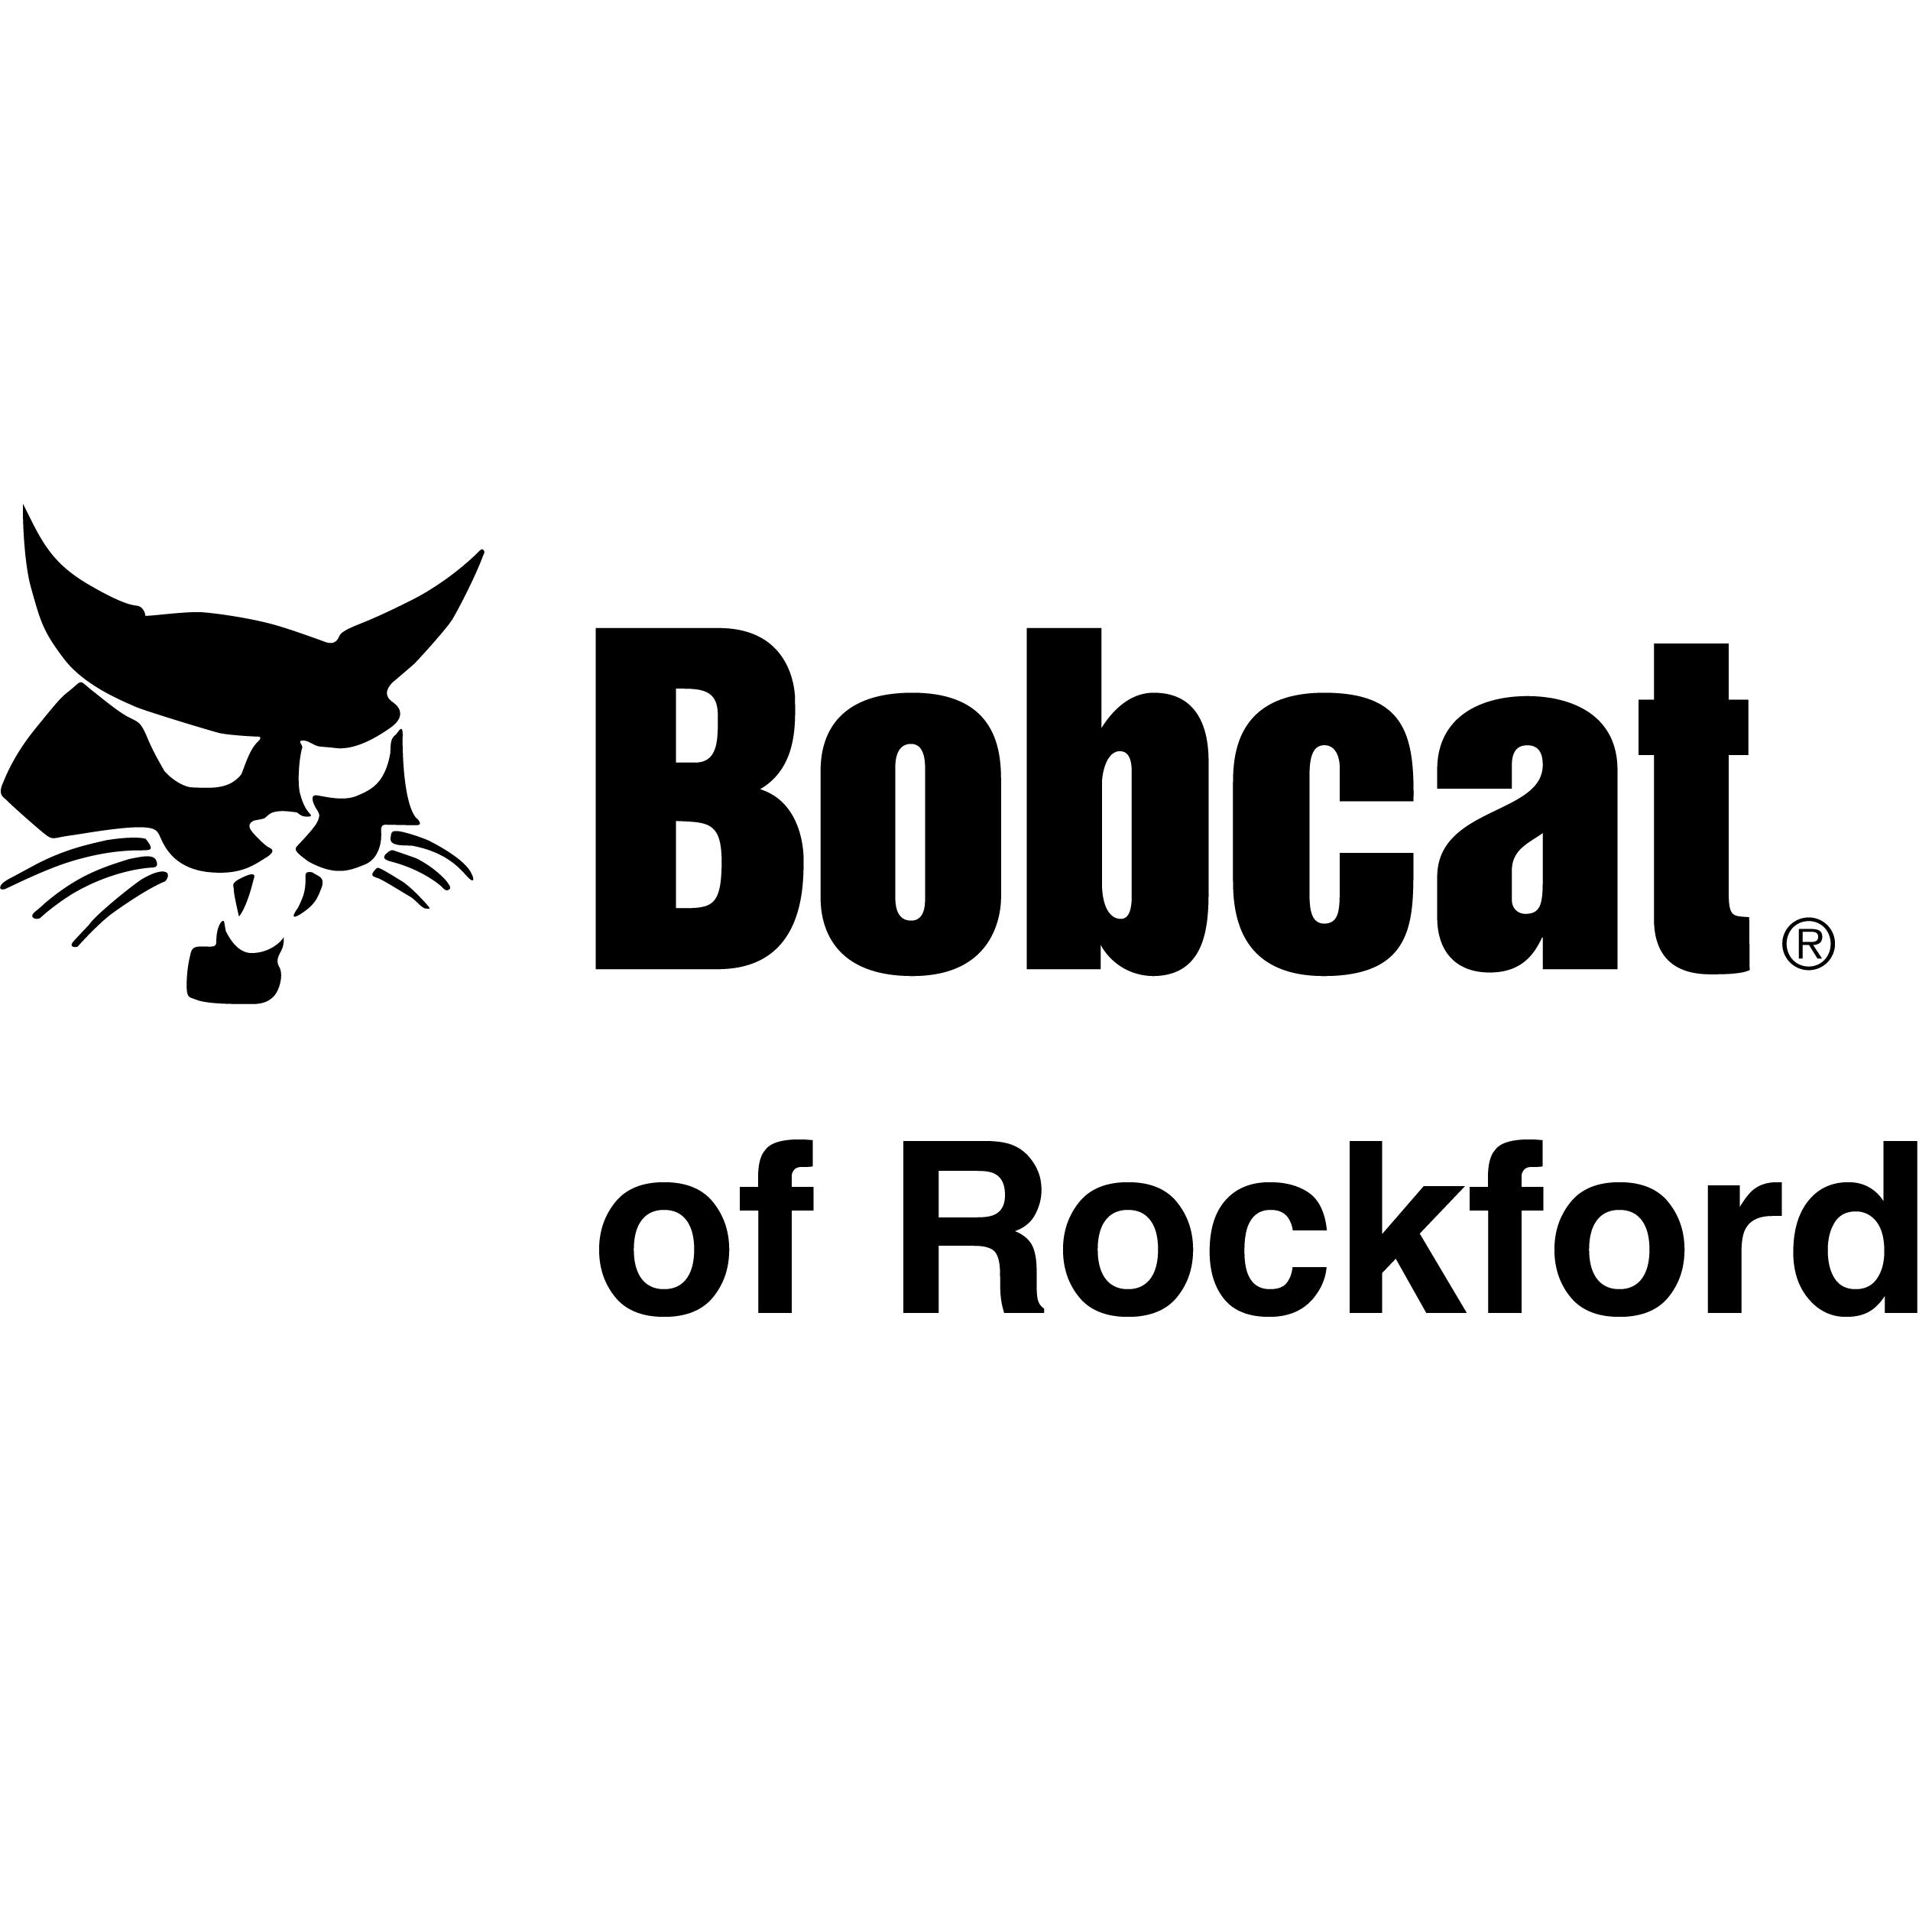 Bobcat of Rockford